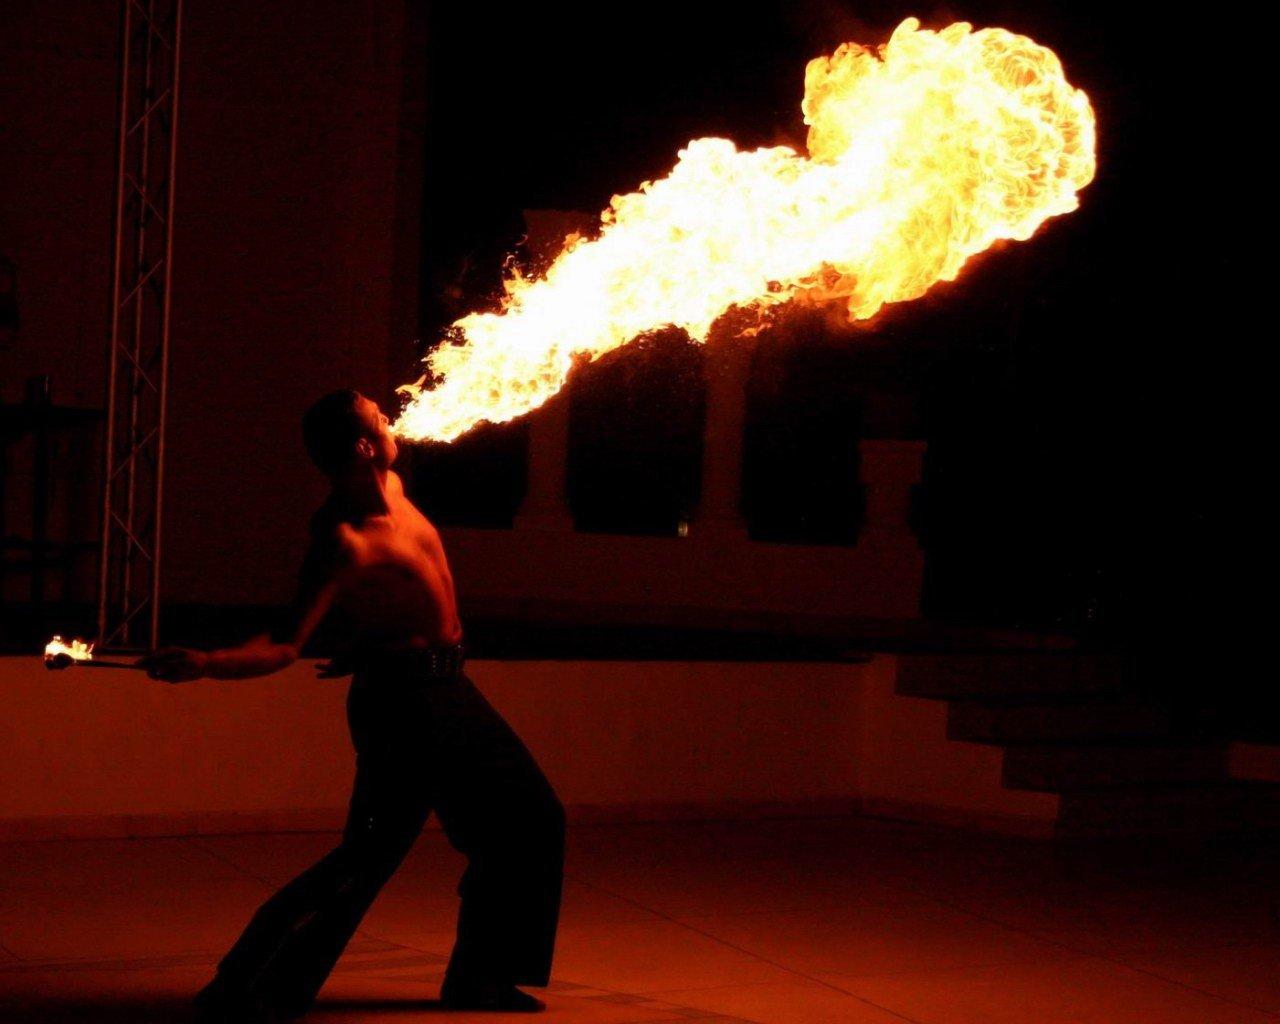 Как сделать фото за огнем